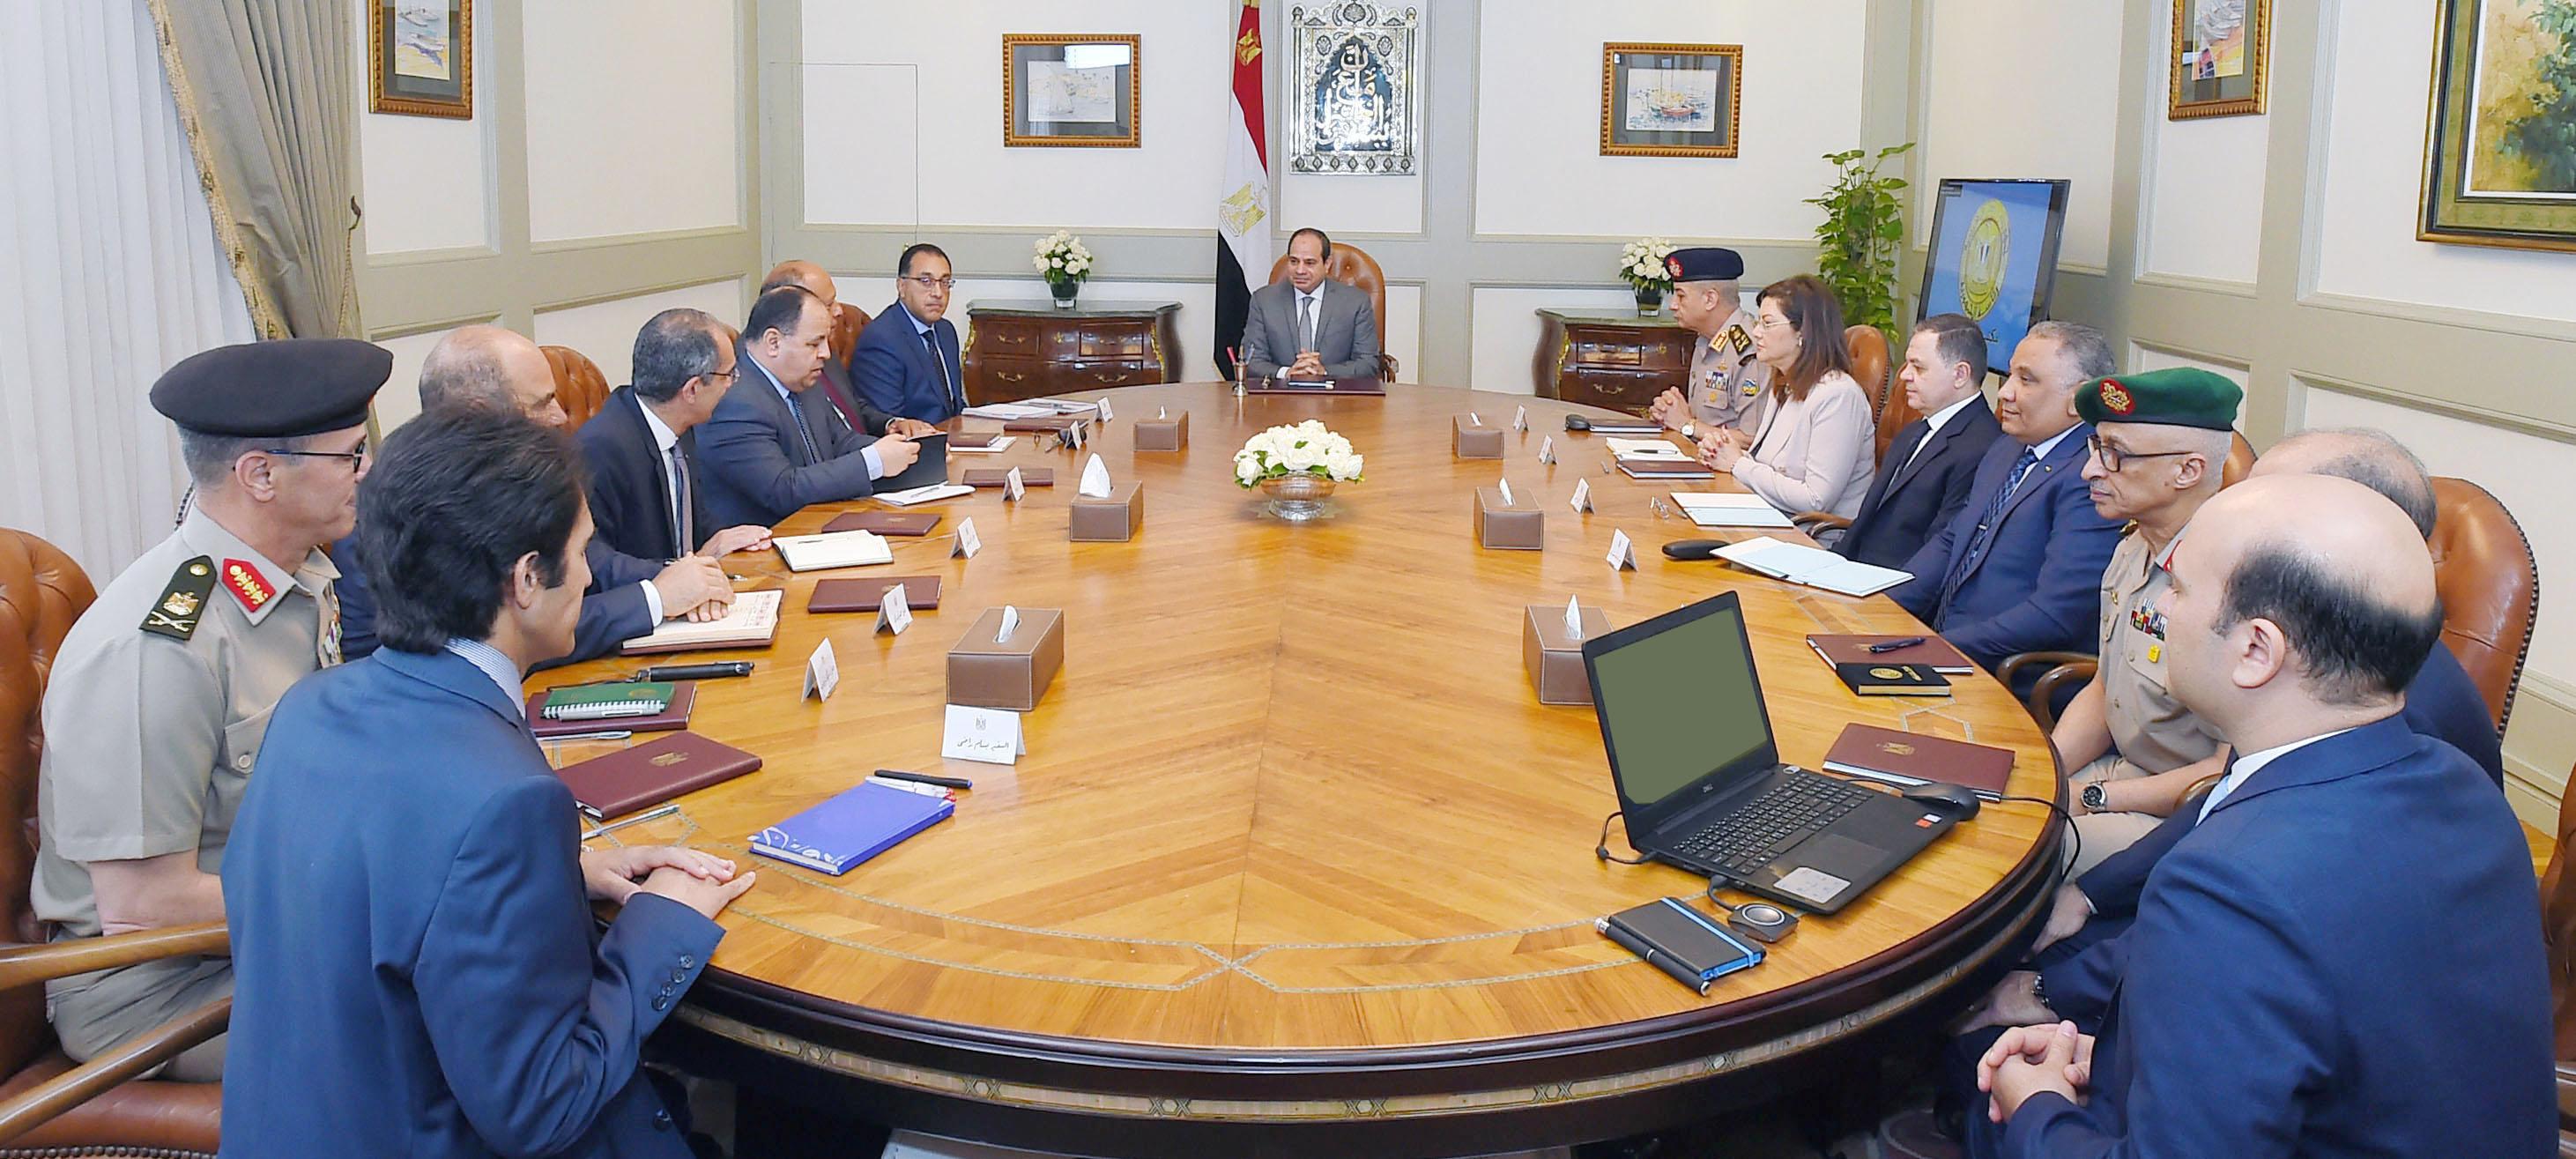 الرئيس السيسى يبحث جهود تطوير قدرات الدولة من خلال منظومة التحول الرقمى (3)